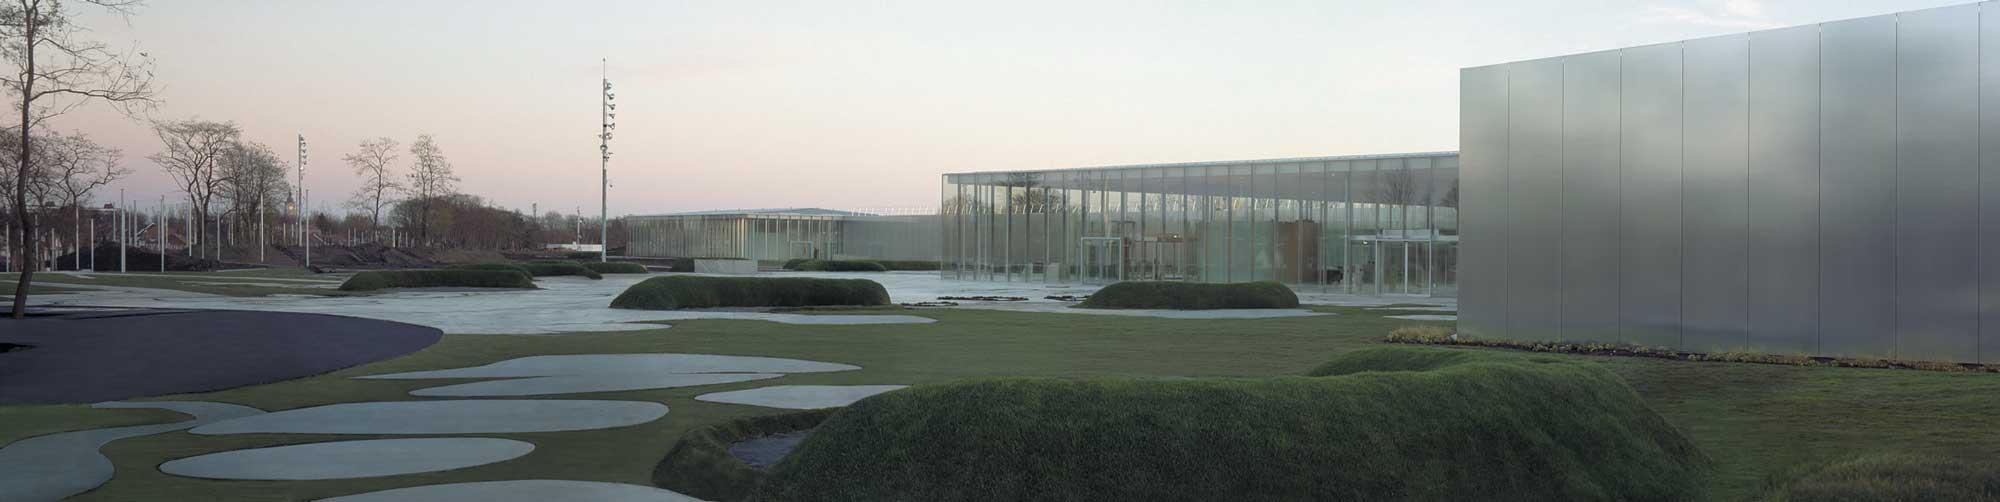 Museum park louvre lens by mosbach paysagistes landscape for Louvre lens museo